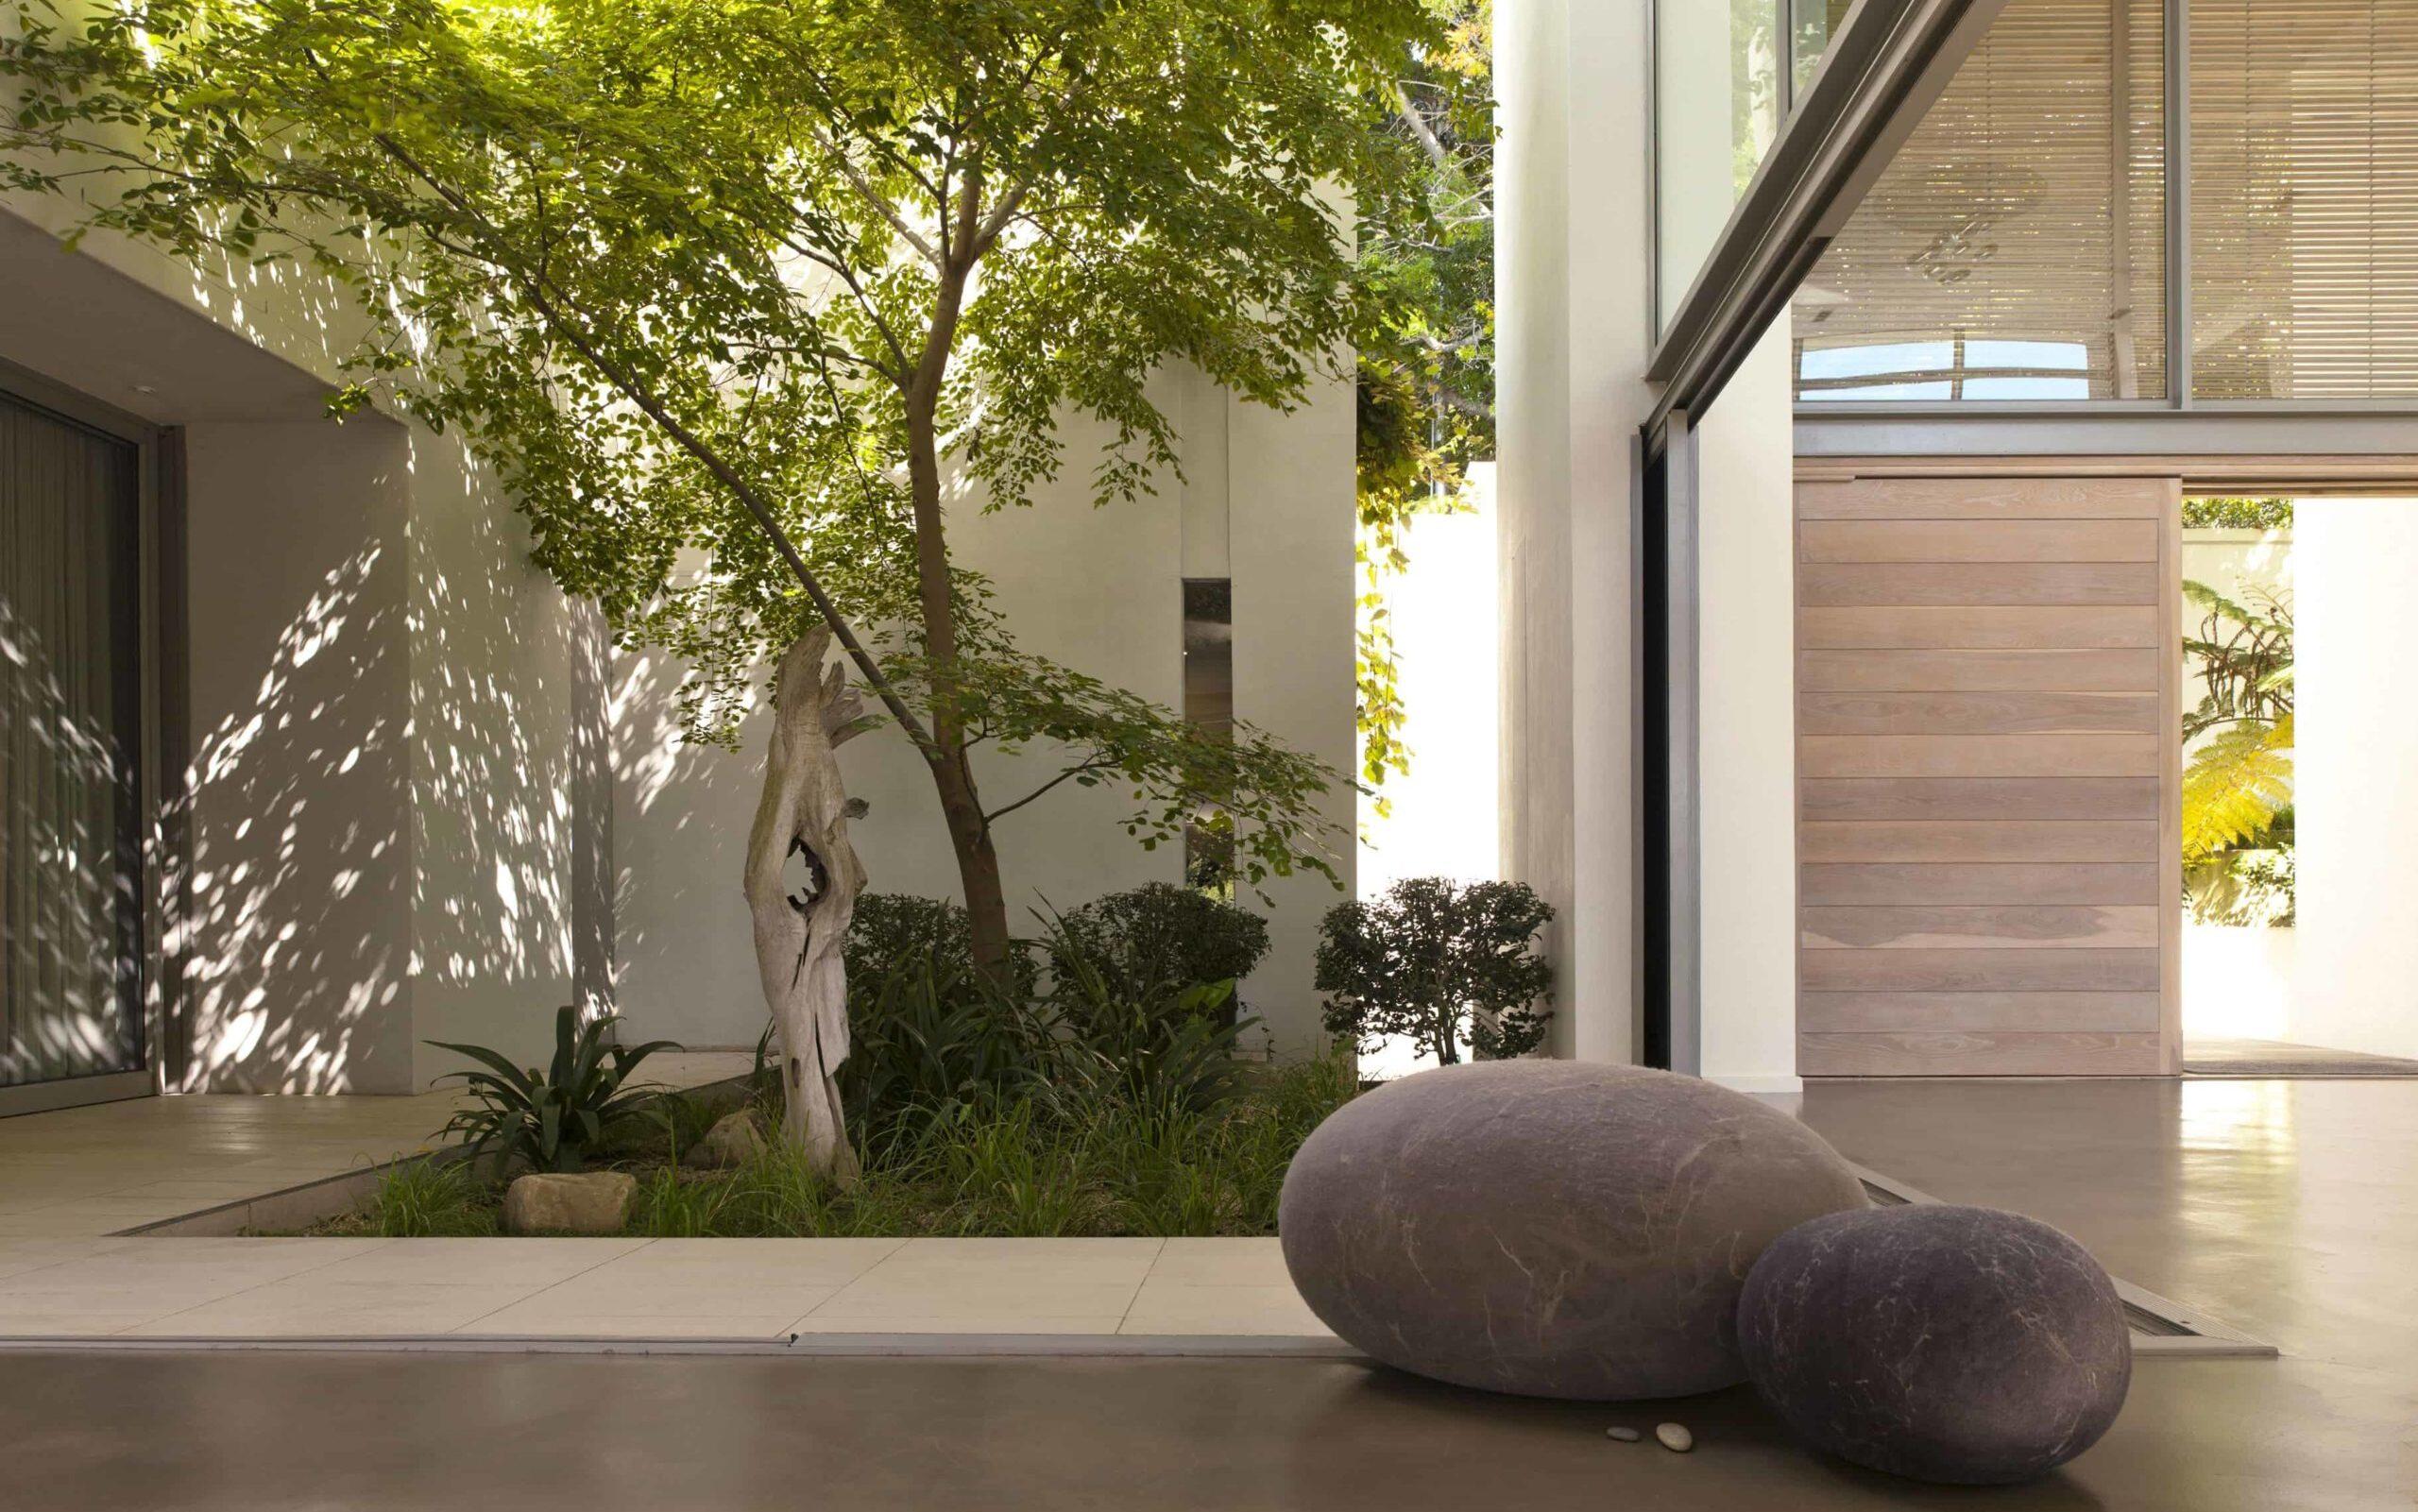 Los árboles con hojas verdes nos transmiten tranquilidad en los diseños de casas.